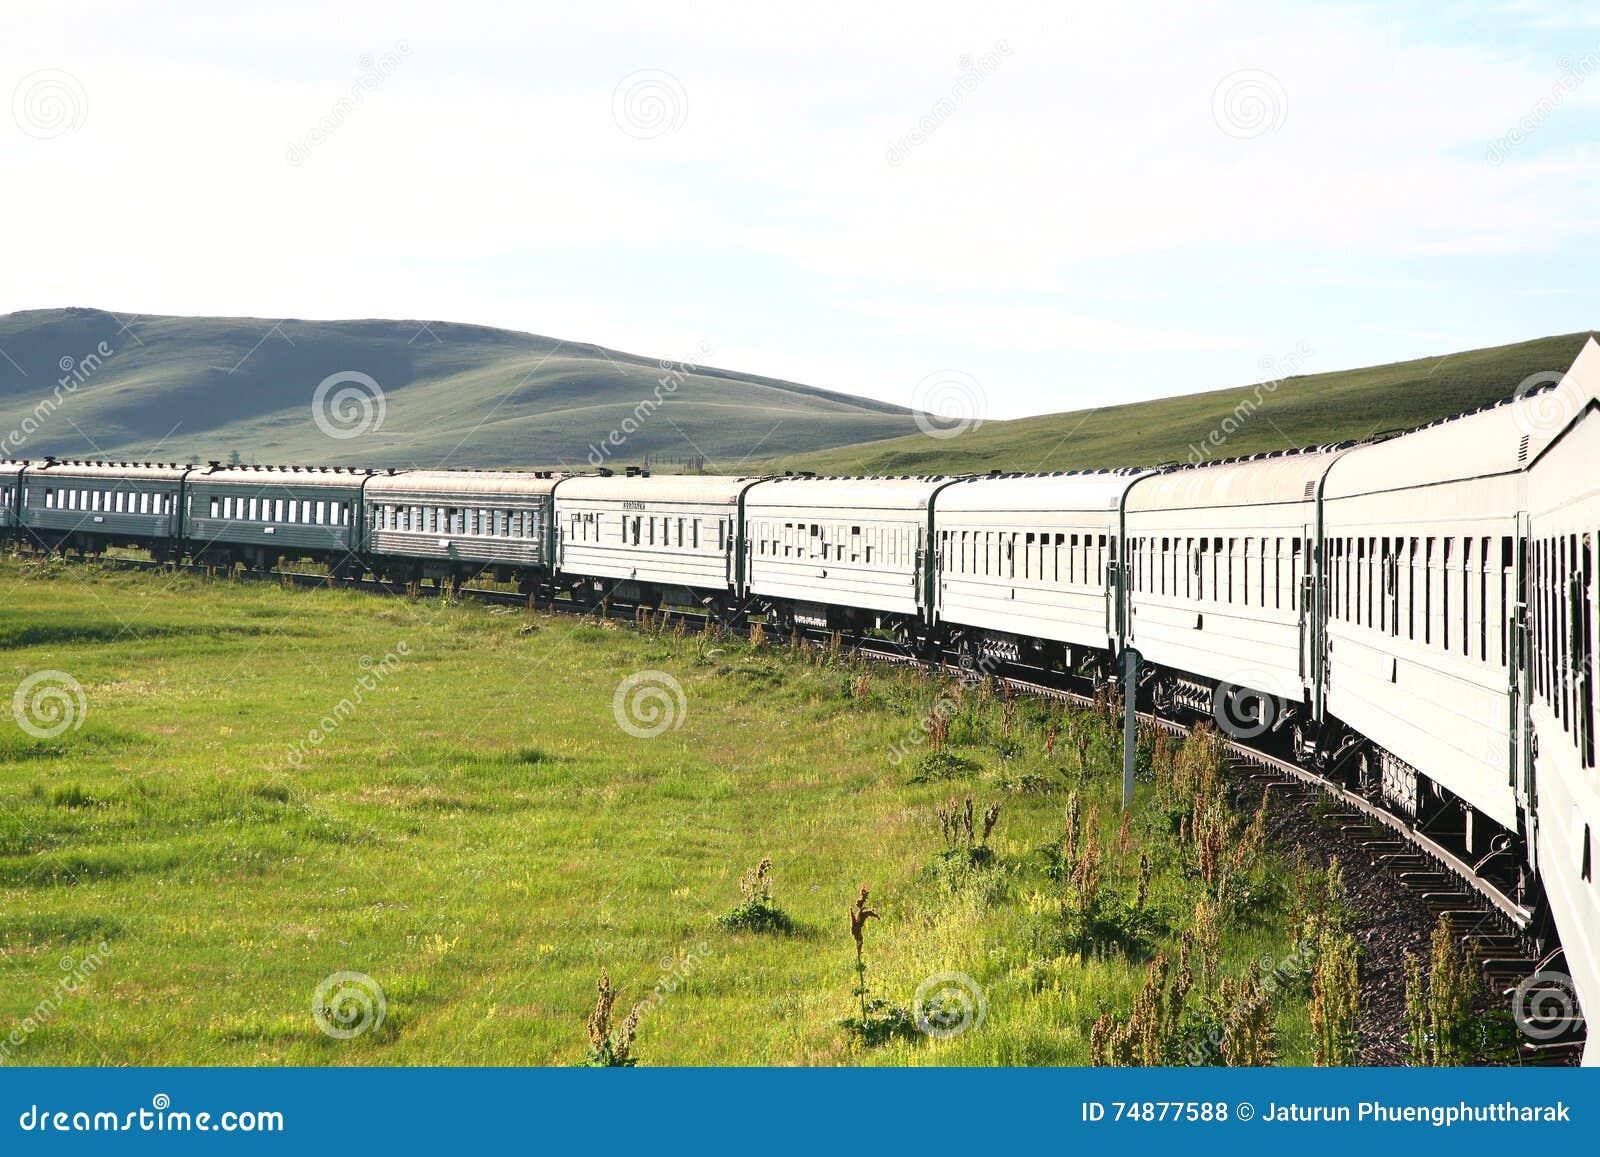 Estrada de ferro transiberiana da porcelana de beijing a mongolia ulaanbaatar